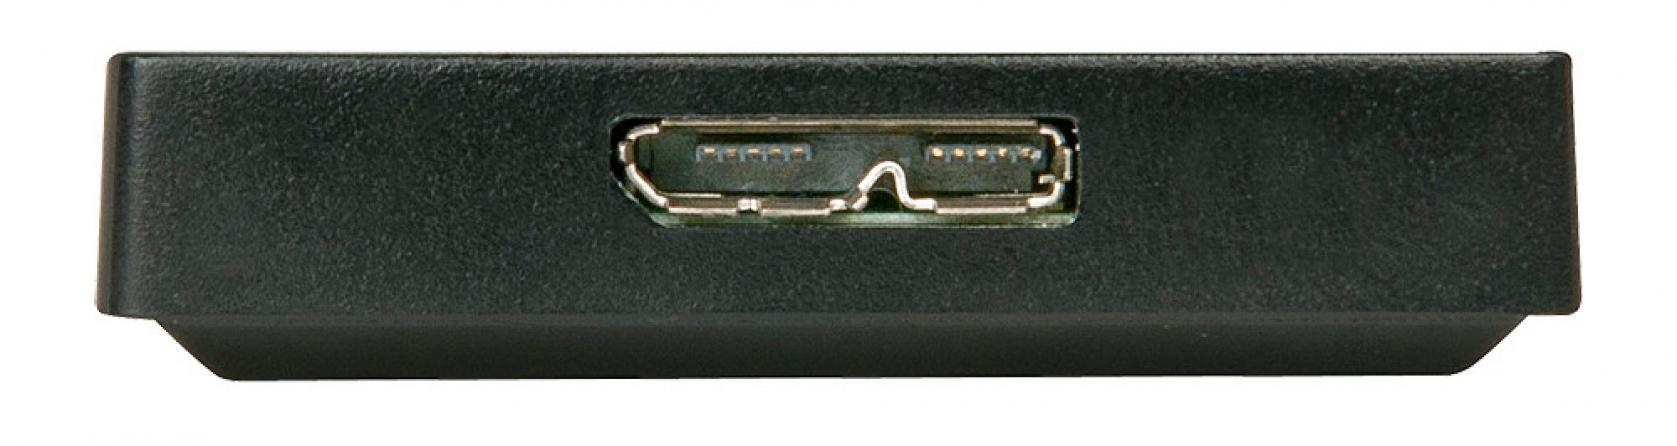 Adattatore USB 3.0 a DisplayPort 4K